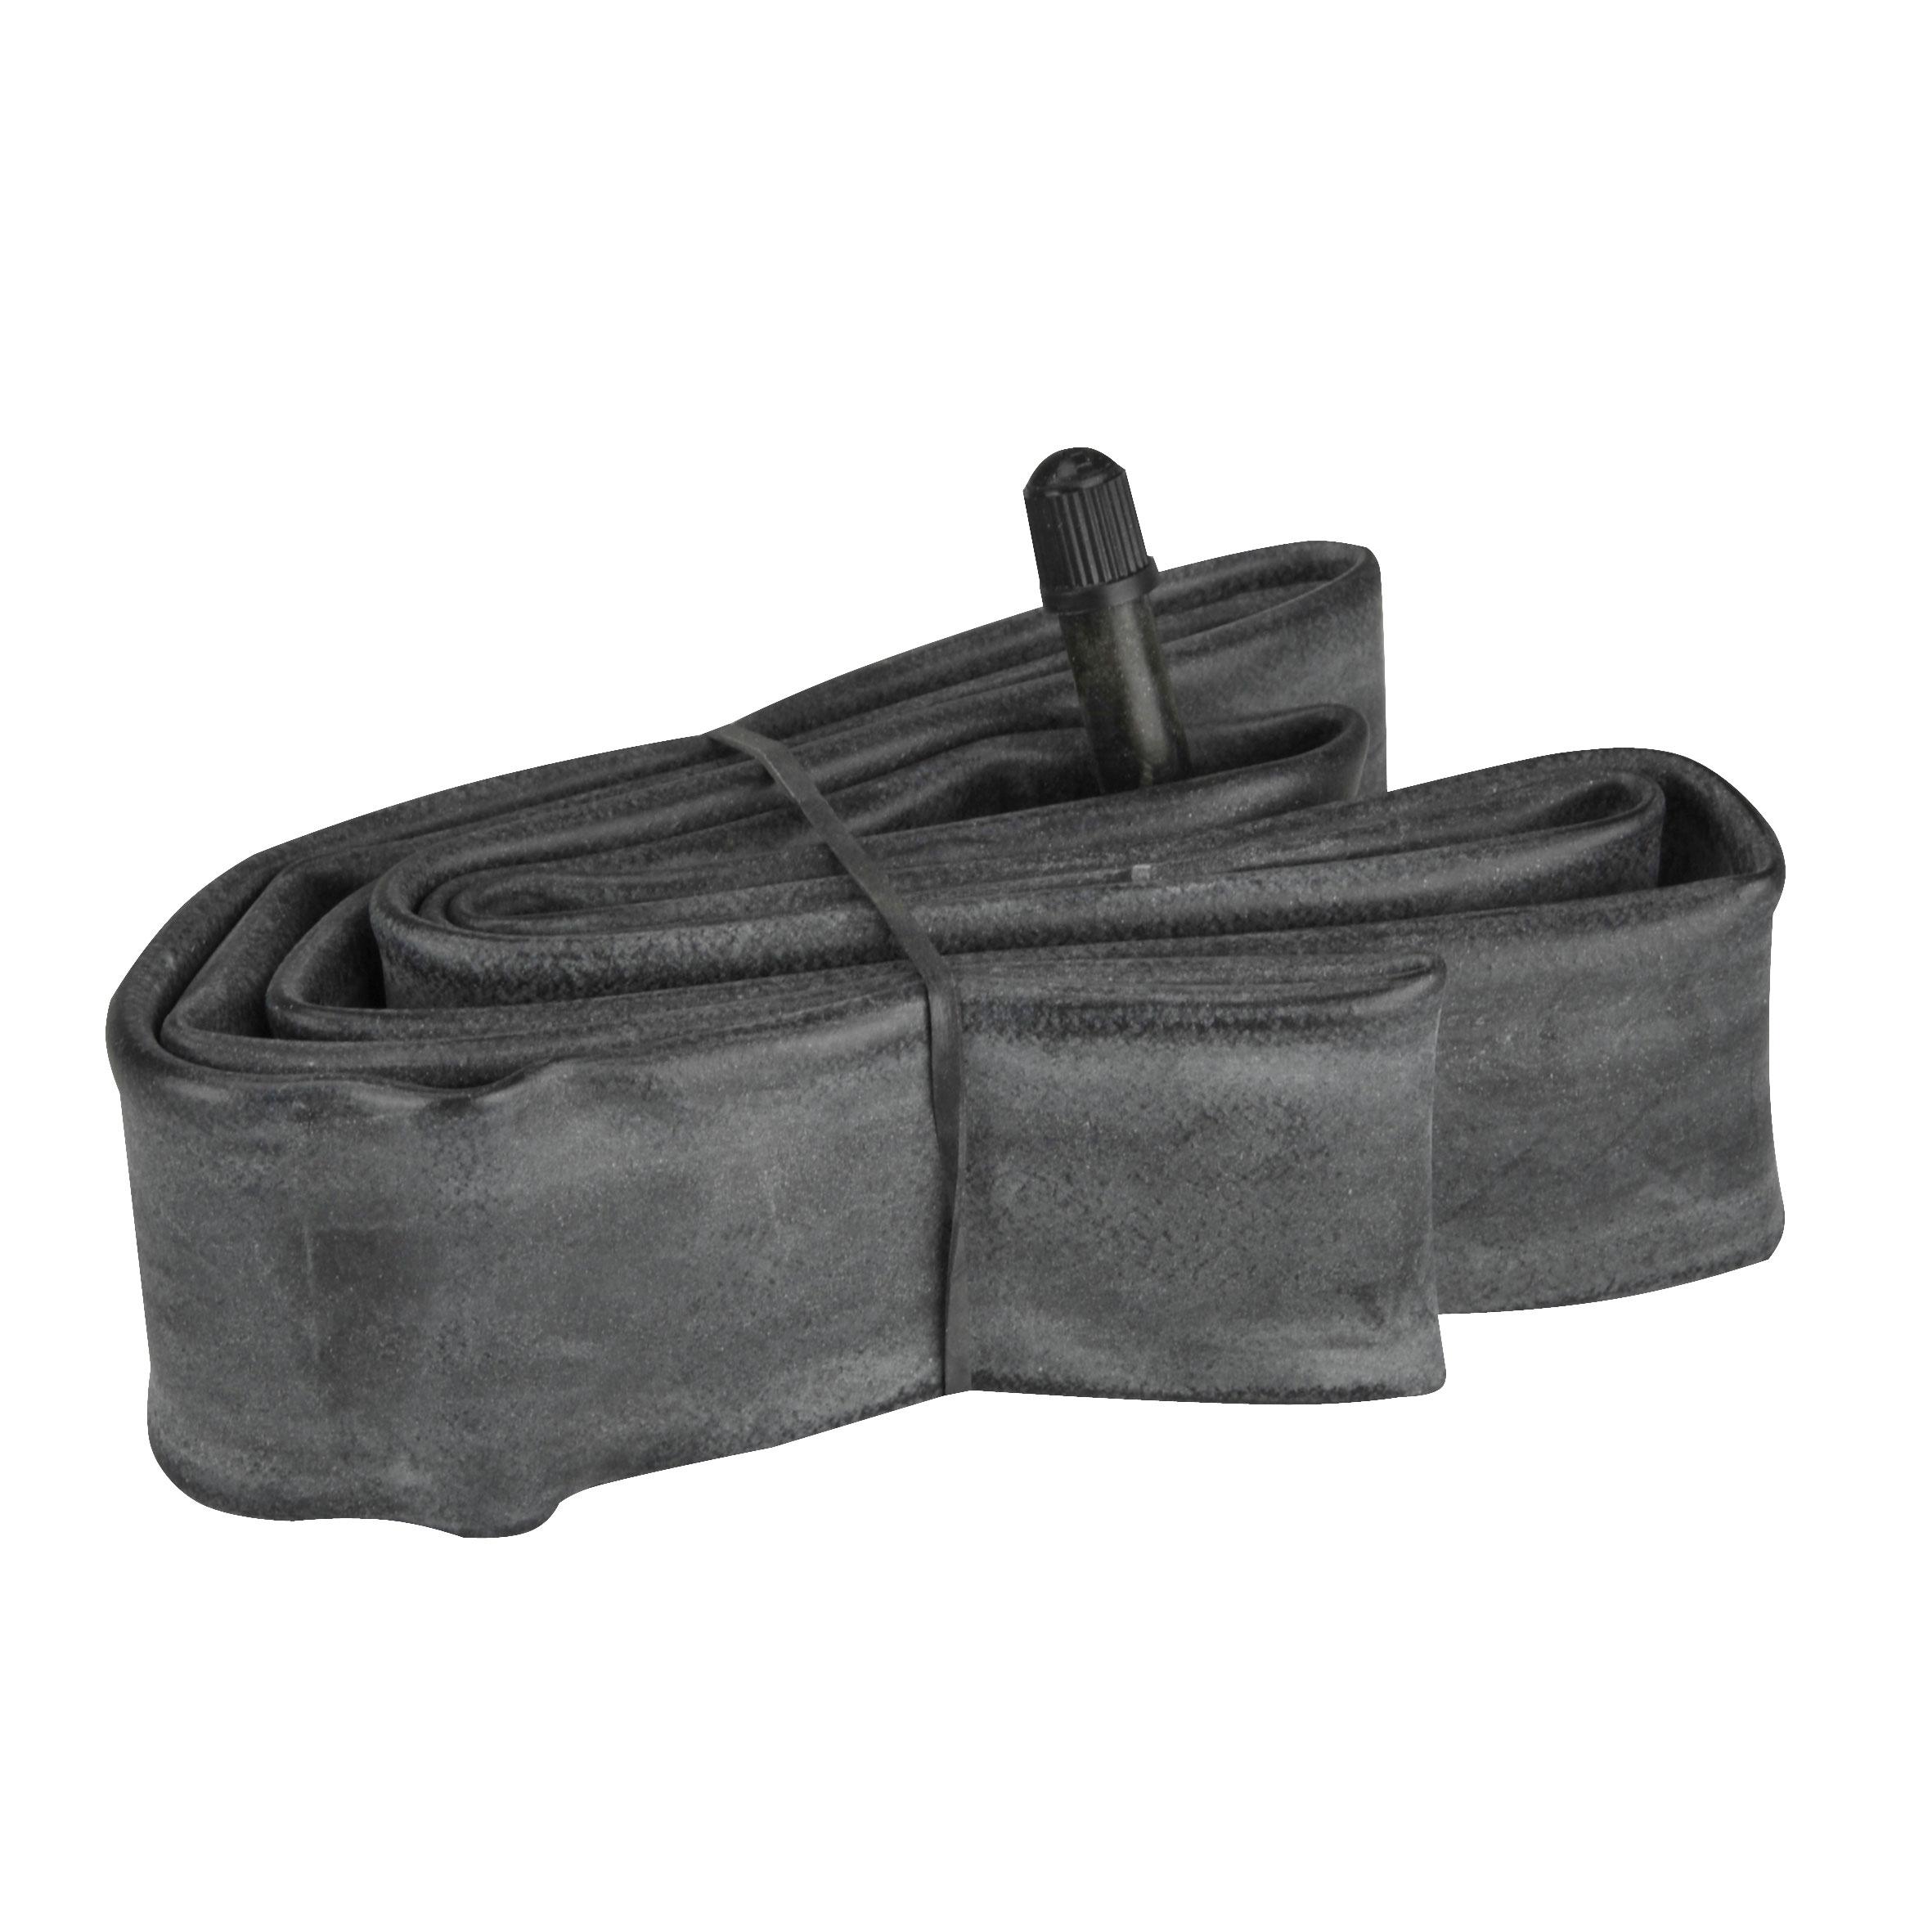 fischer fahrrad schlauch pannenstopp mit auto ventil 20x1 5 2 125 bei. Black Bedroom Furniture Sets. Home Design Ideas